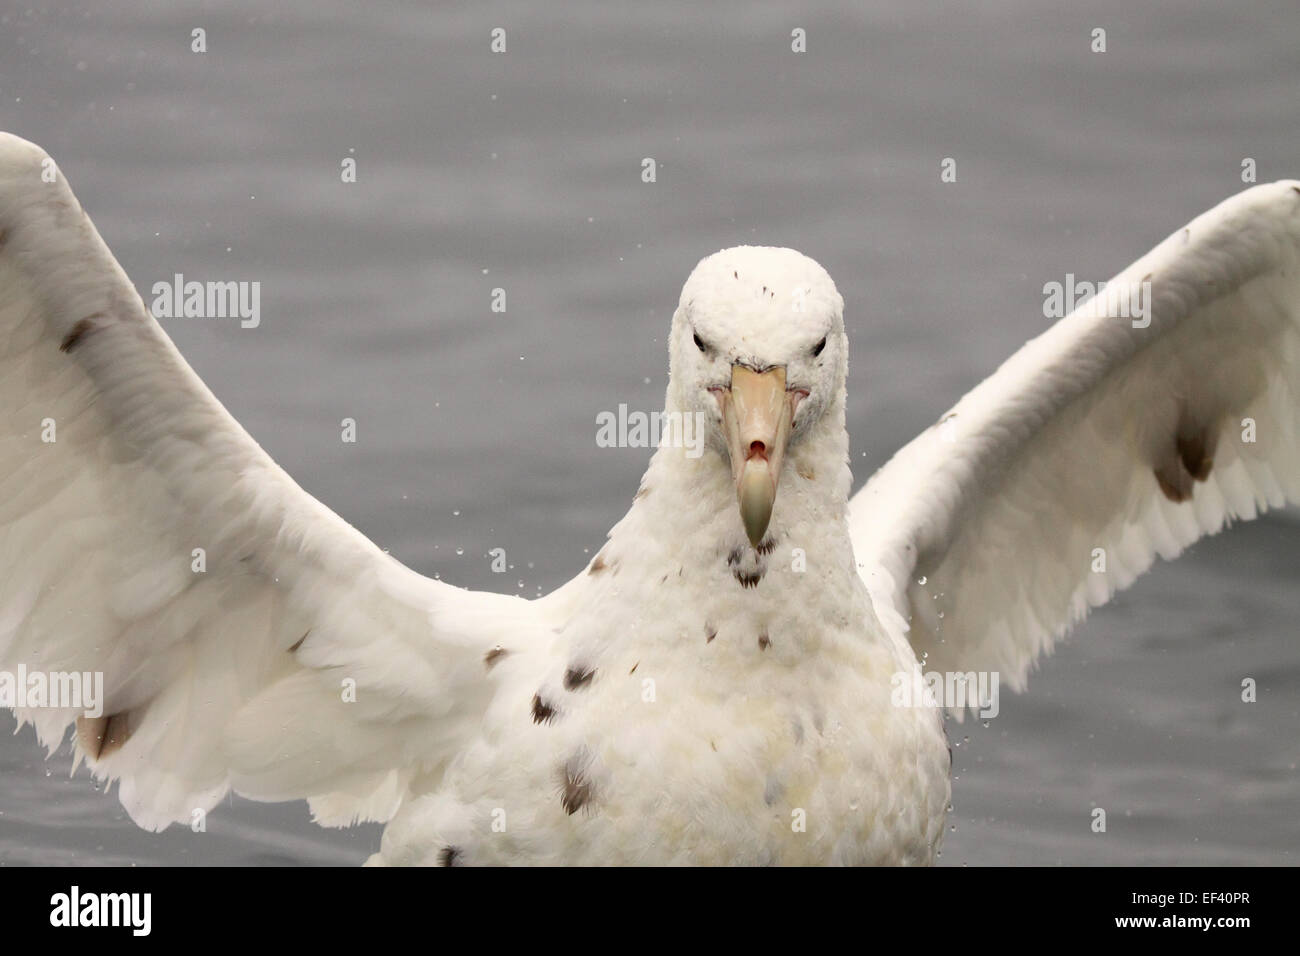 Ein Albino anzeigen Southern Giant Petrel heben die Flügel in eine Bedrohung. Stockbild